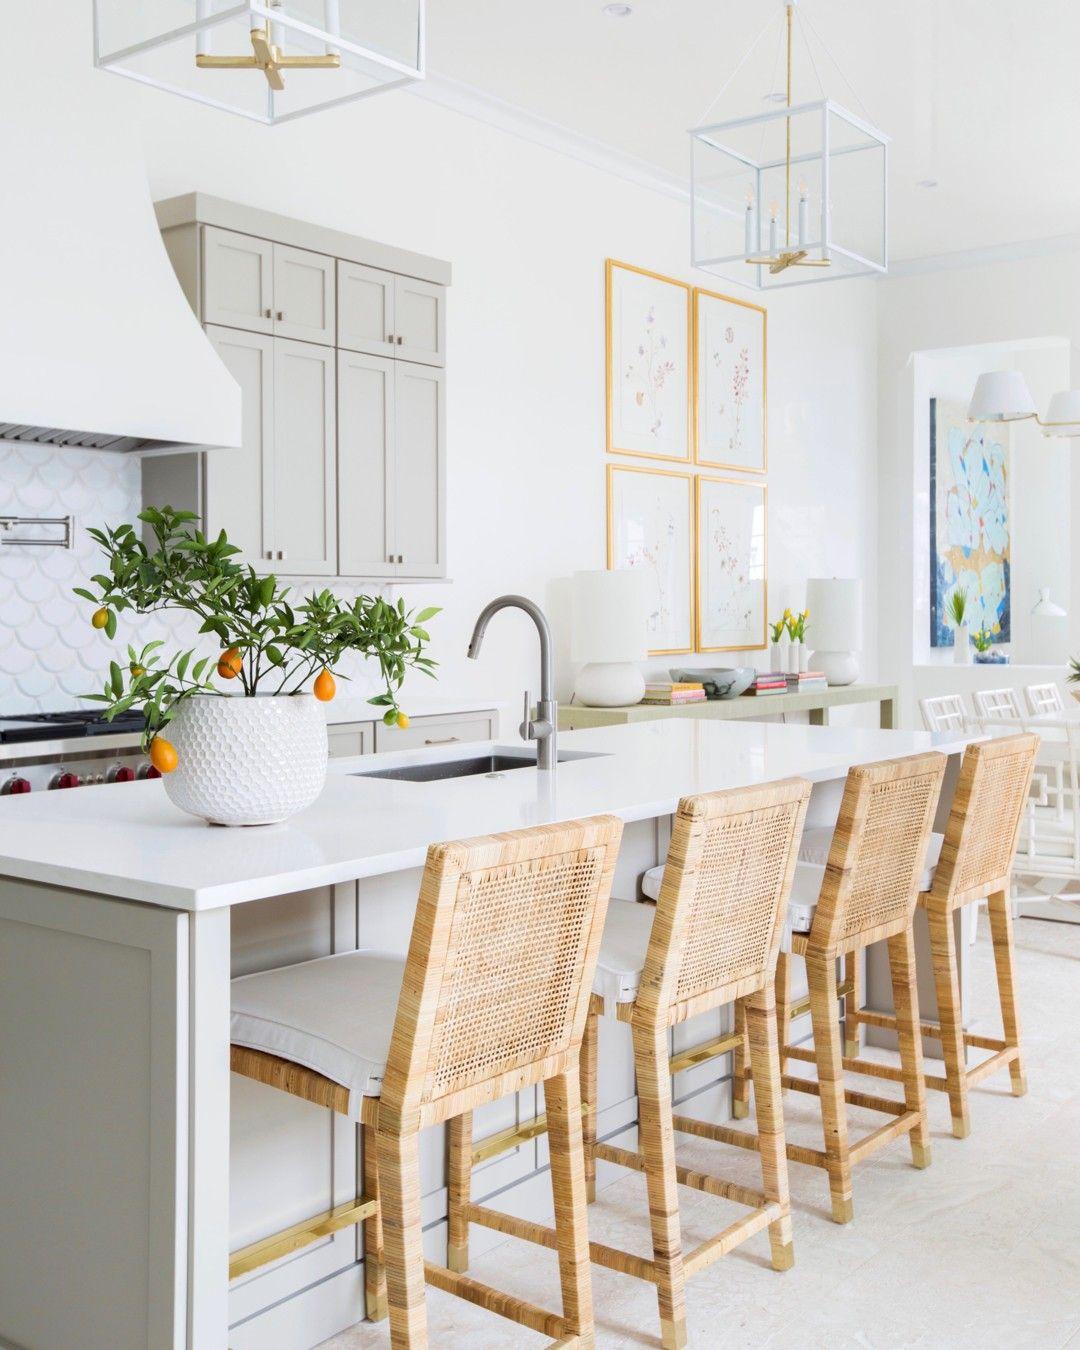 Balboa Counter Stool Serena Lily Kitchen Remodel Kitchen Inspirations Home Kitchens